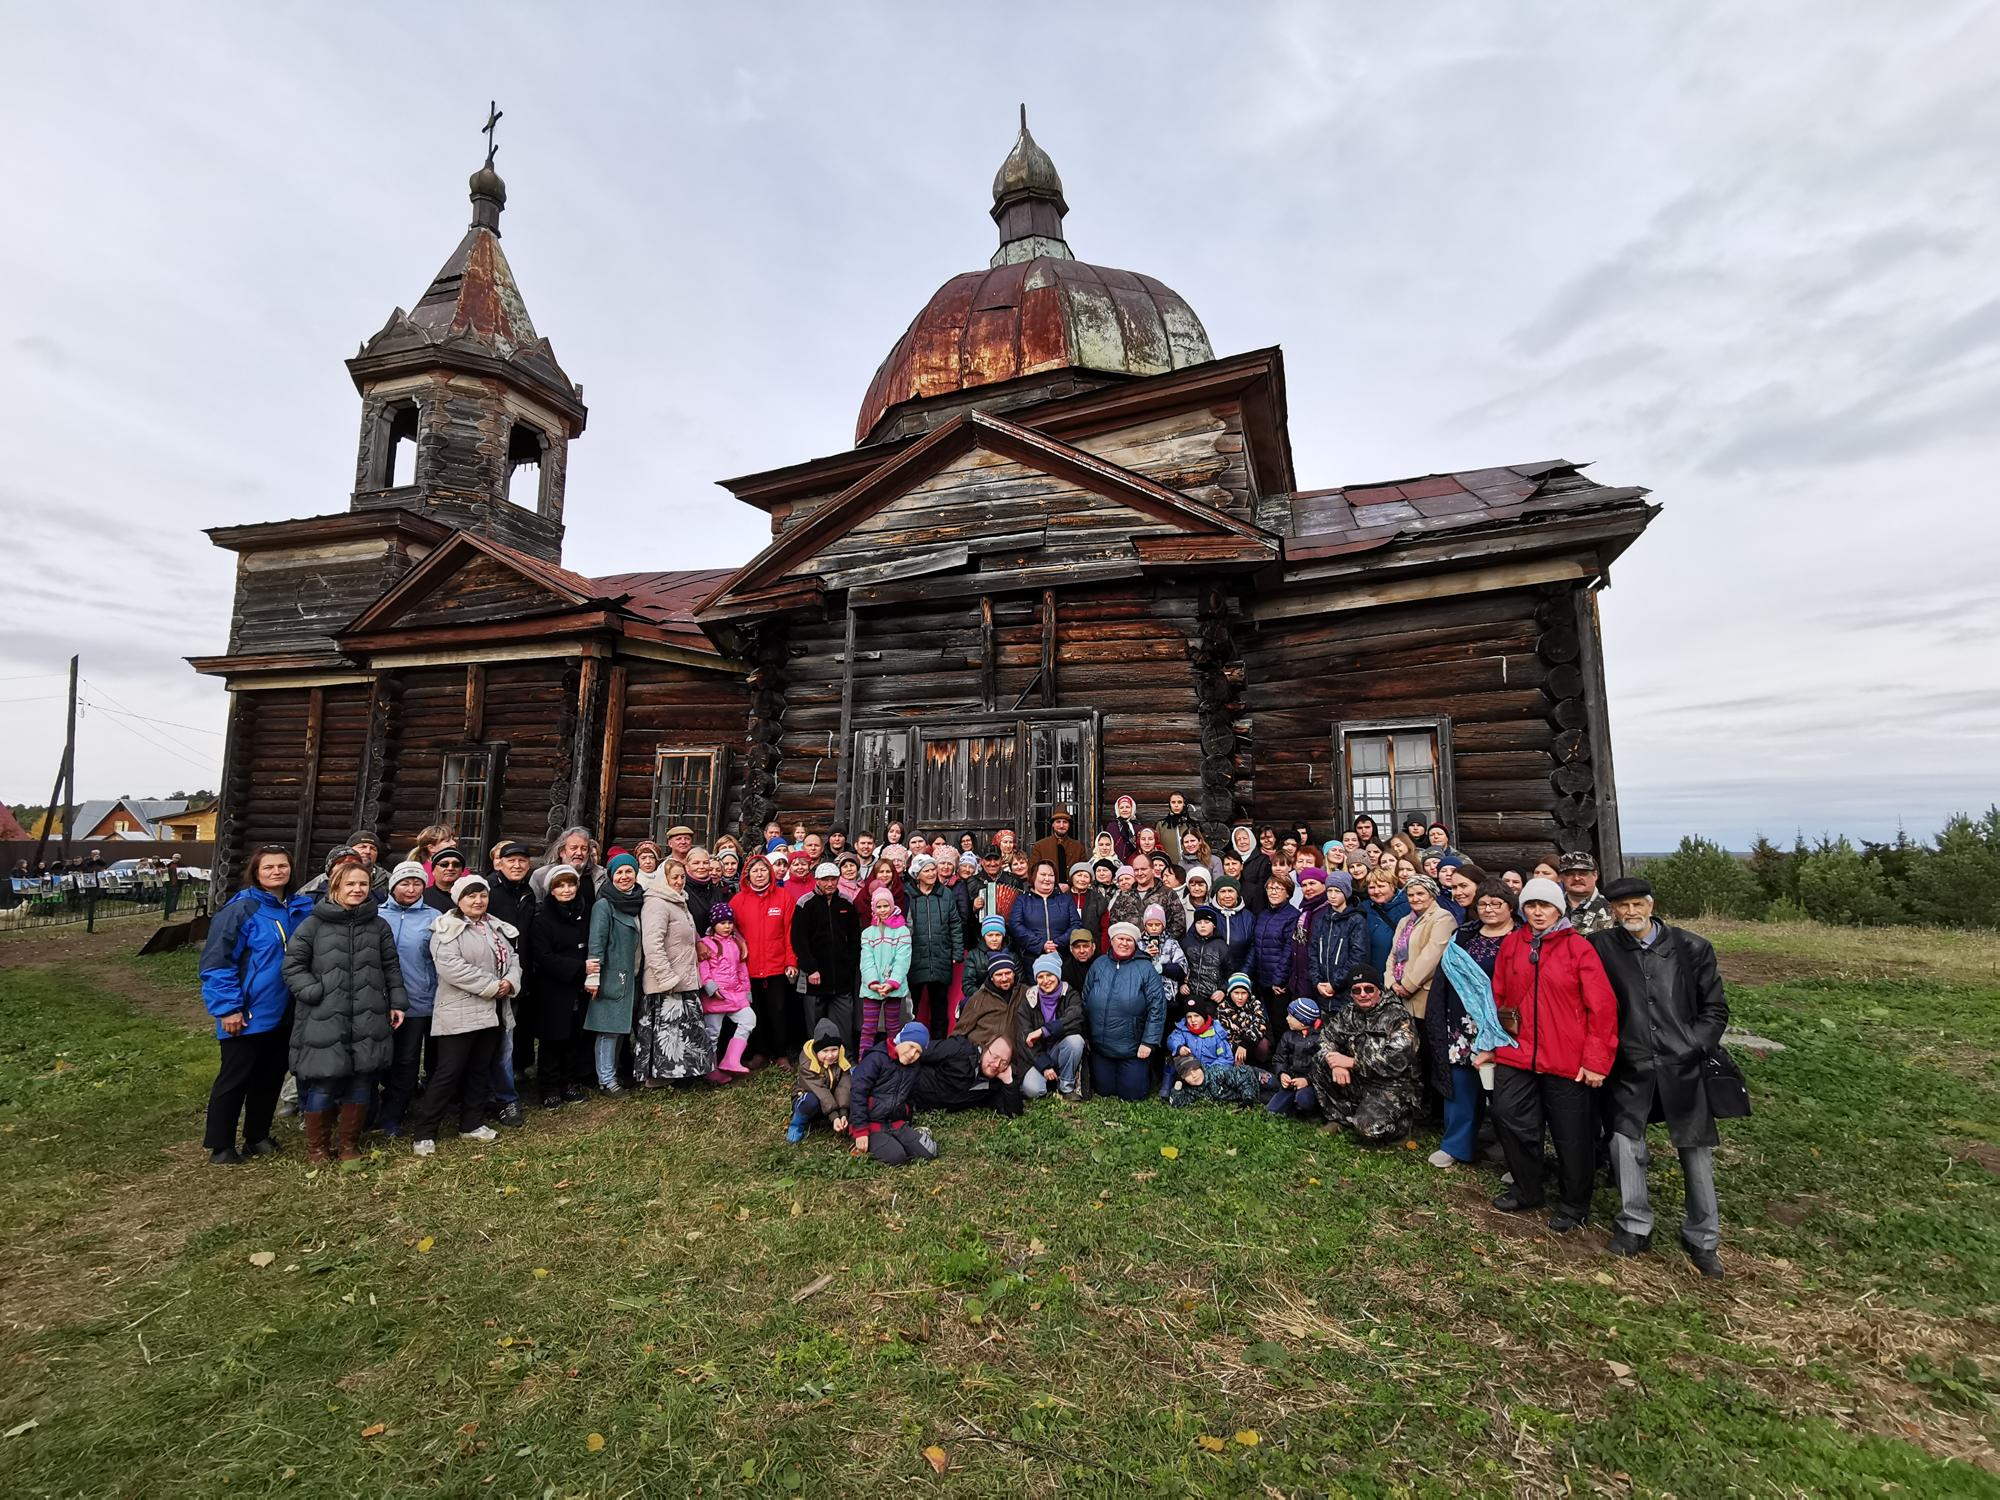 В Томской Области в рамках программы «Волонтёры культуры» завершился проект по благоустройству территории храмового комплекса